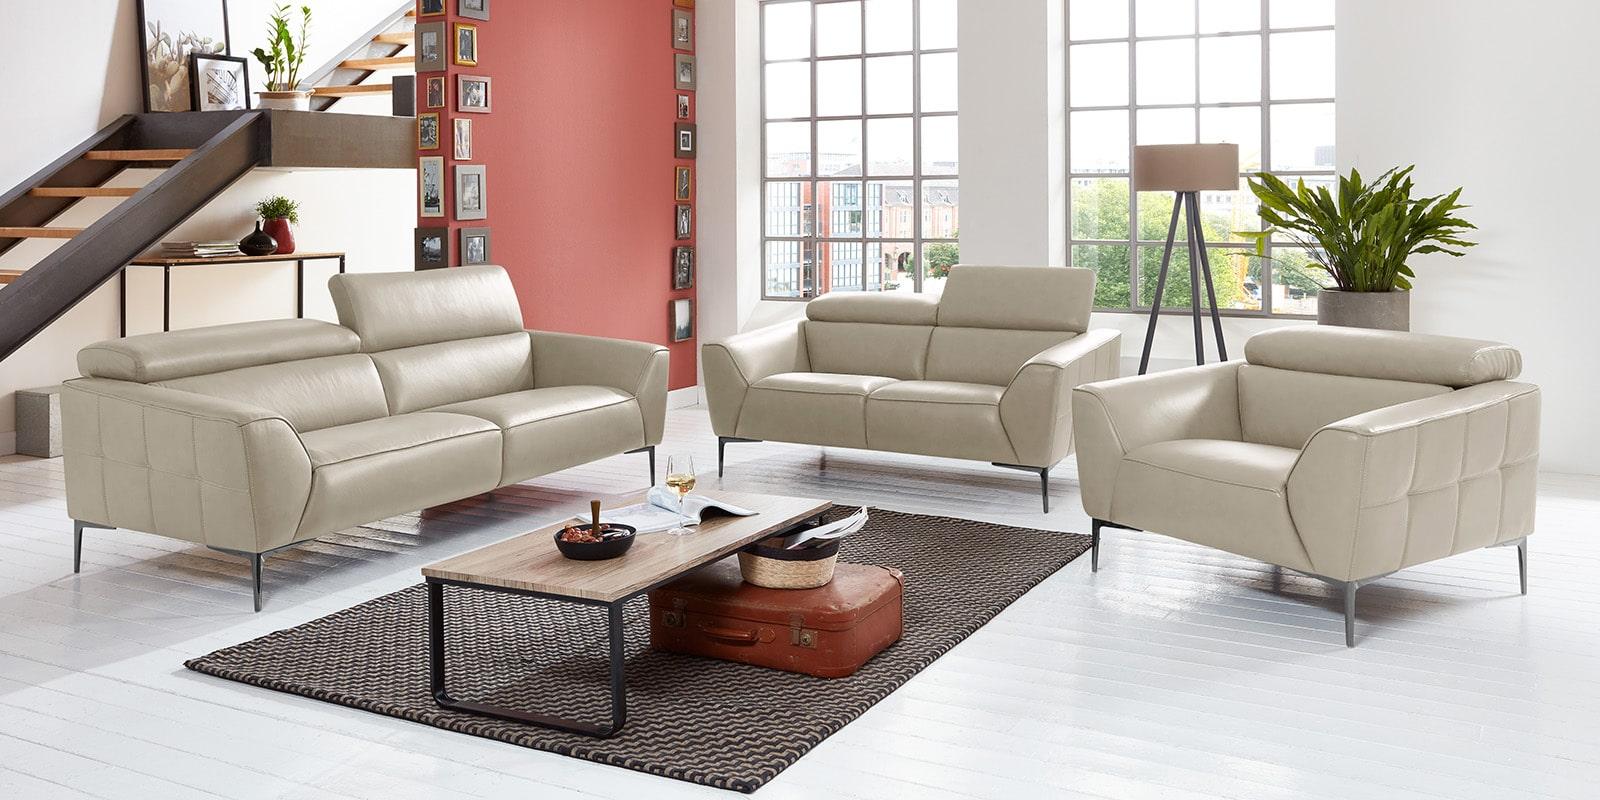 Full Size of Designer Sofa 3 2 1 Sitzer Couch Ledersofa Chromfuesse Lazio Beige Kare Wk Schillig Bett 140x200 Mit Bettkasten Weißes 160x200 Boxen 180x200 Modernes 180x220 Sofa Sofa 3 2 1 Sitzer